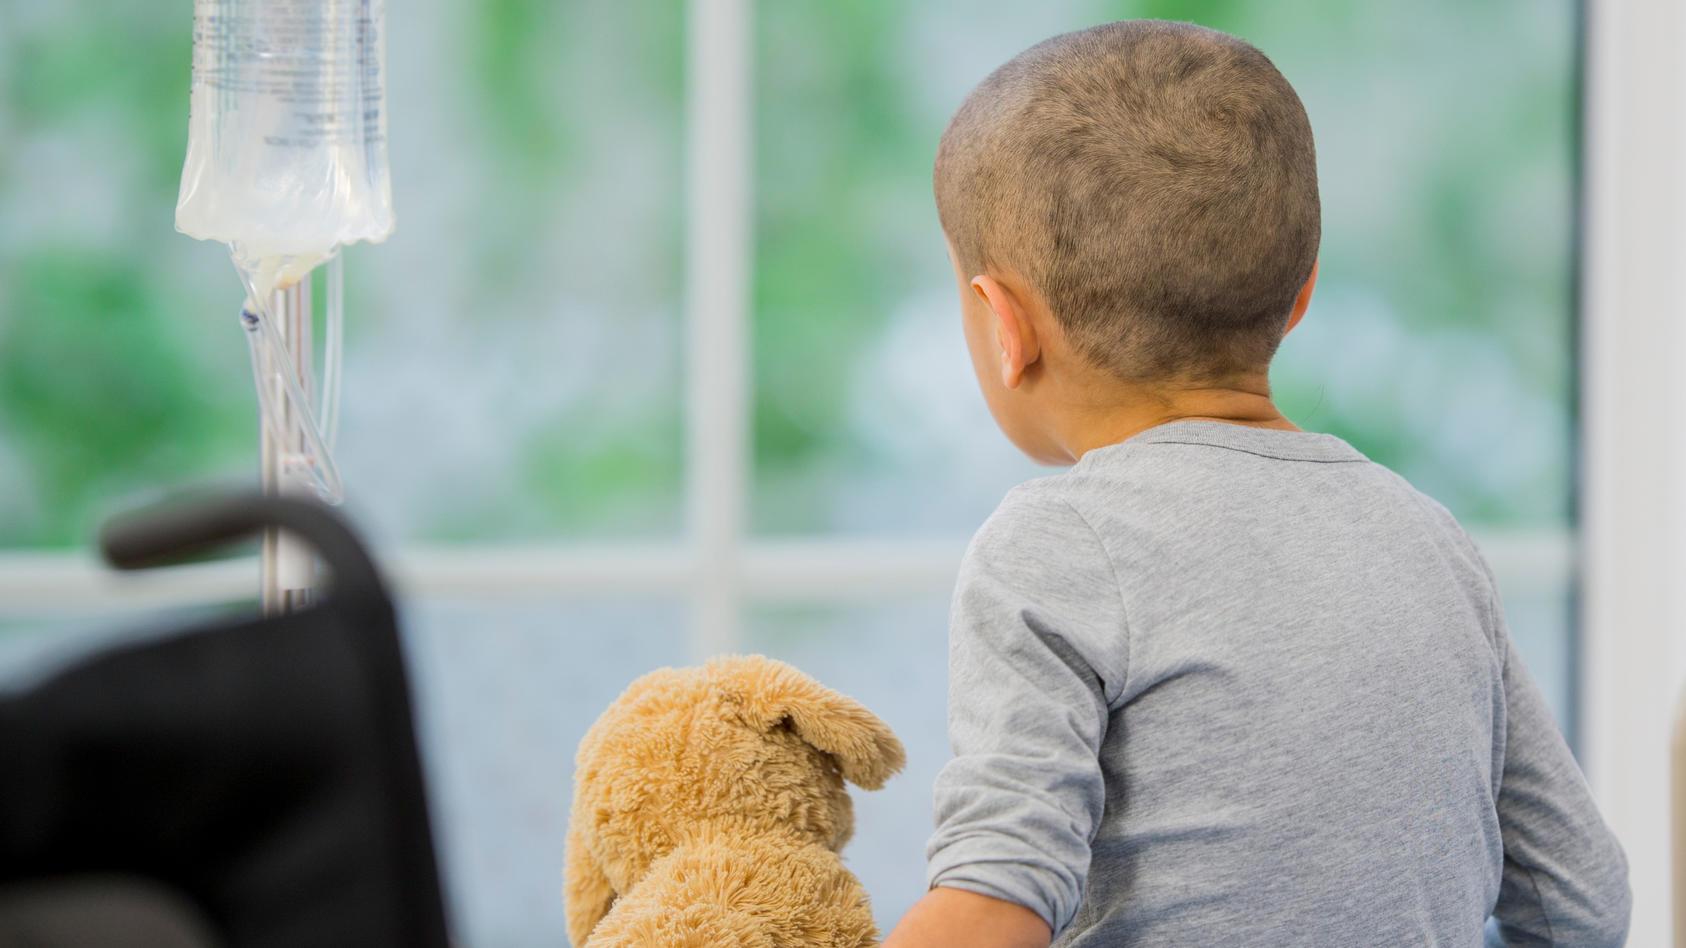 Bei Erkrankungen wie Krebs ist es entscheidend, so früh wie möglich mit einer Therapie zu beginnen.